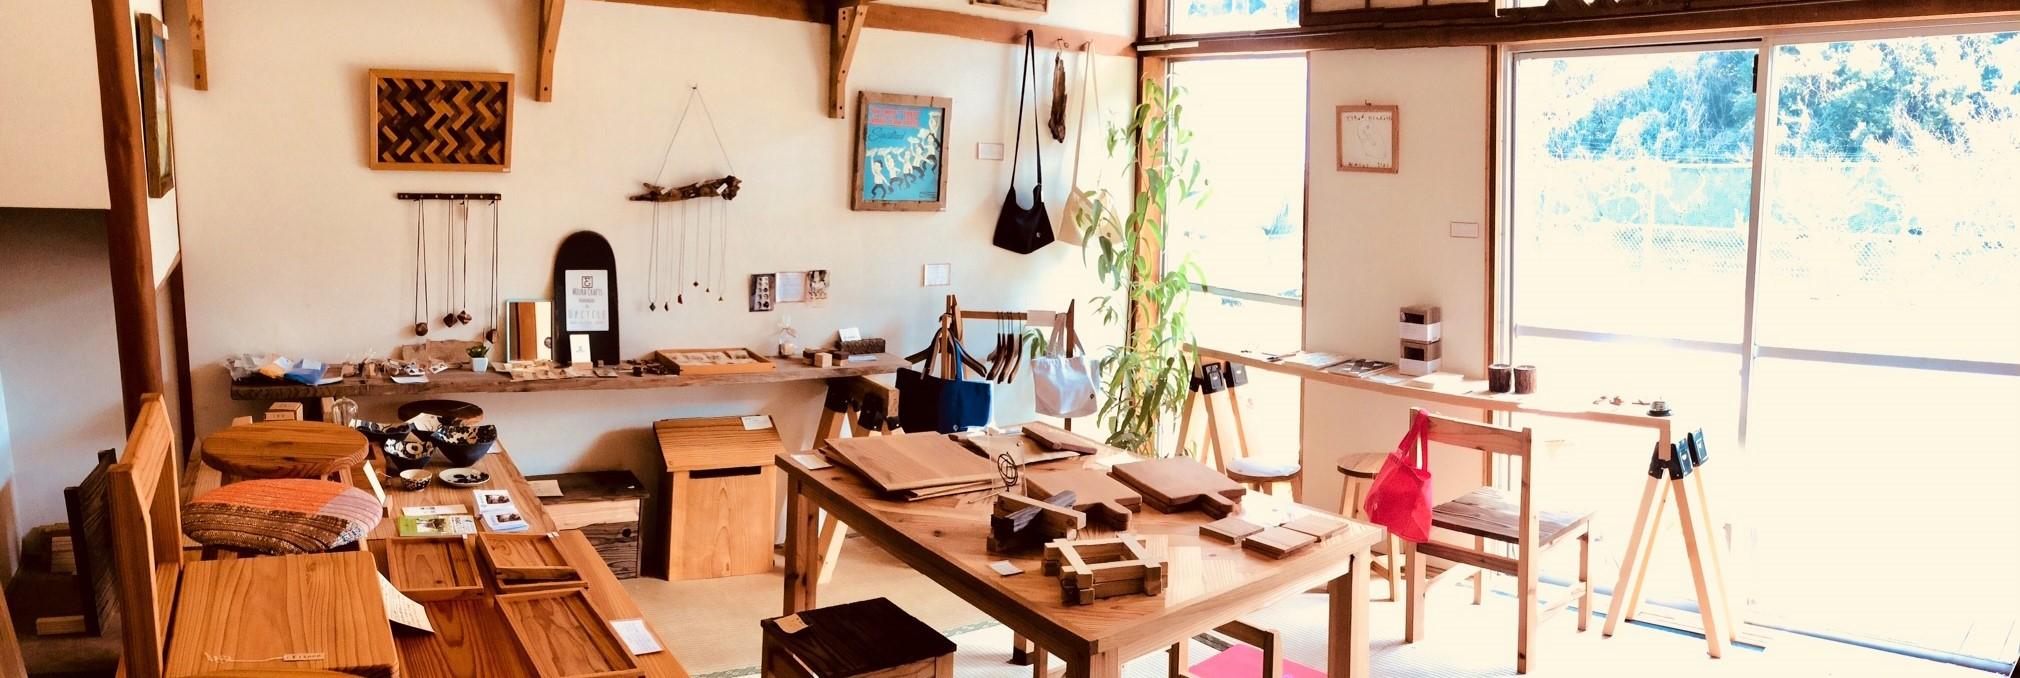 NICHIJO_SEIKATSU by 地球木工 木工・雑貨のお店紹介画像1